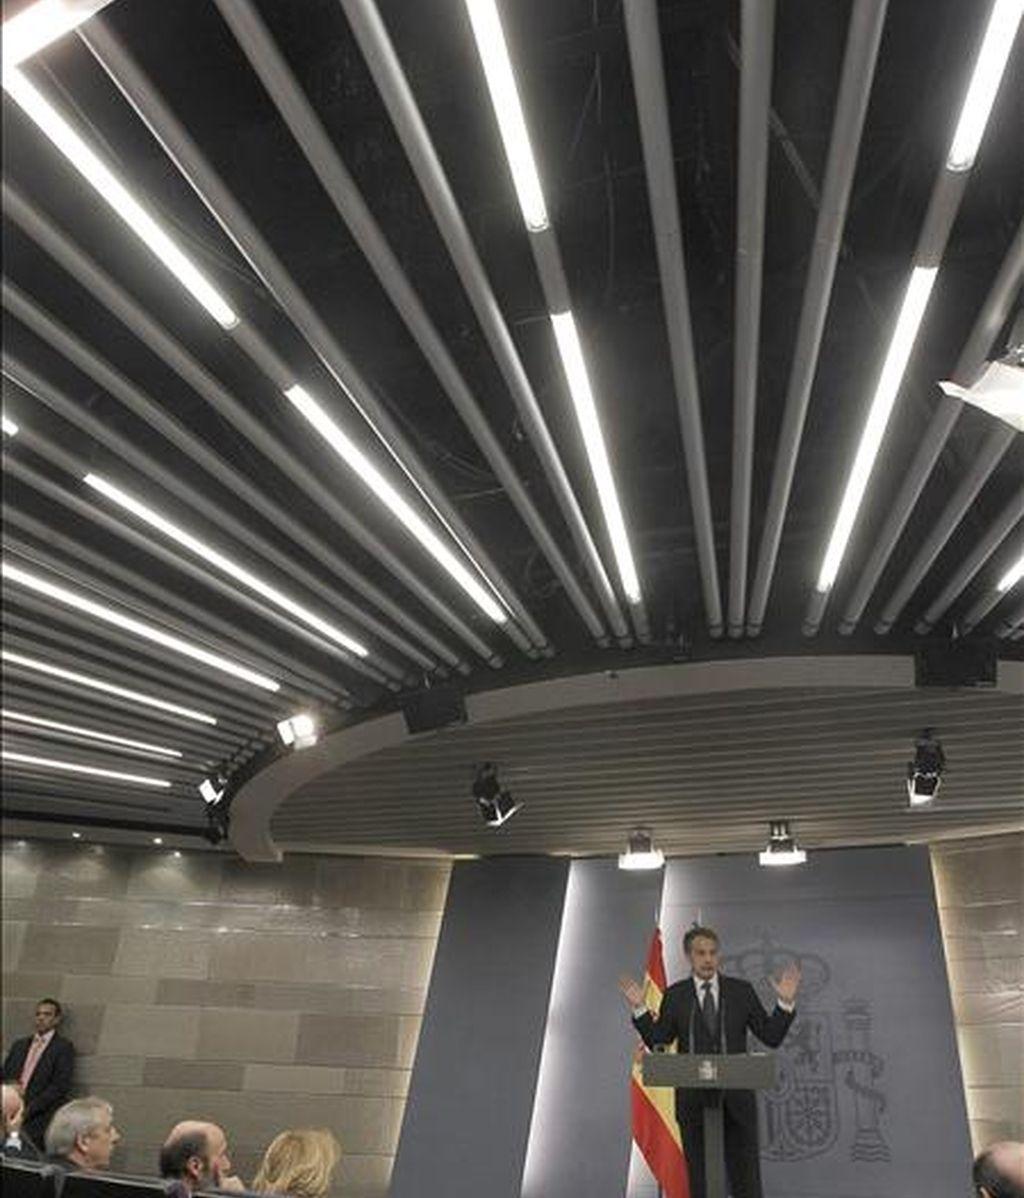 El presidente del Gobierno, José Luis Rodríguez Zapatero, durante la rueda de prensa posterior a la reunión que celebró hoy en el palacio de la Moncloa con los máximos representantes de casi cuarenta empresas del país para analizar la situación económica y la salida de la crisis. EFE